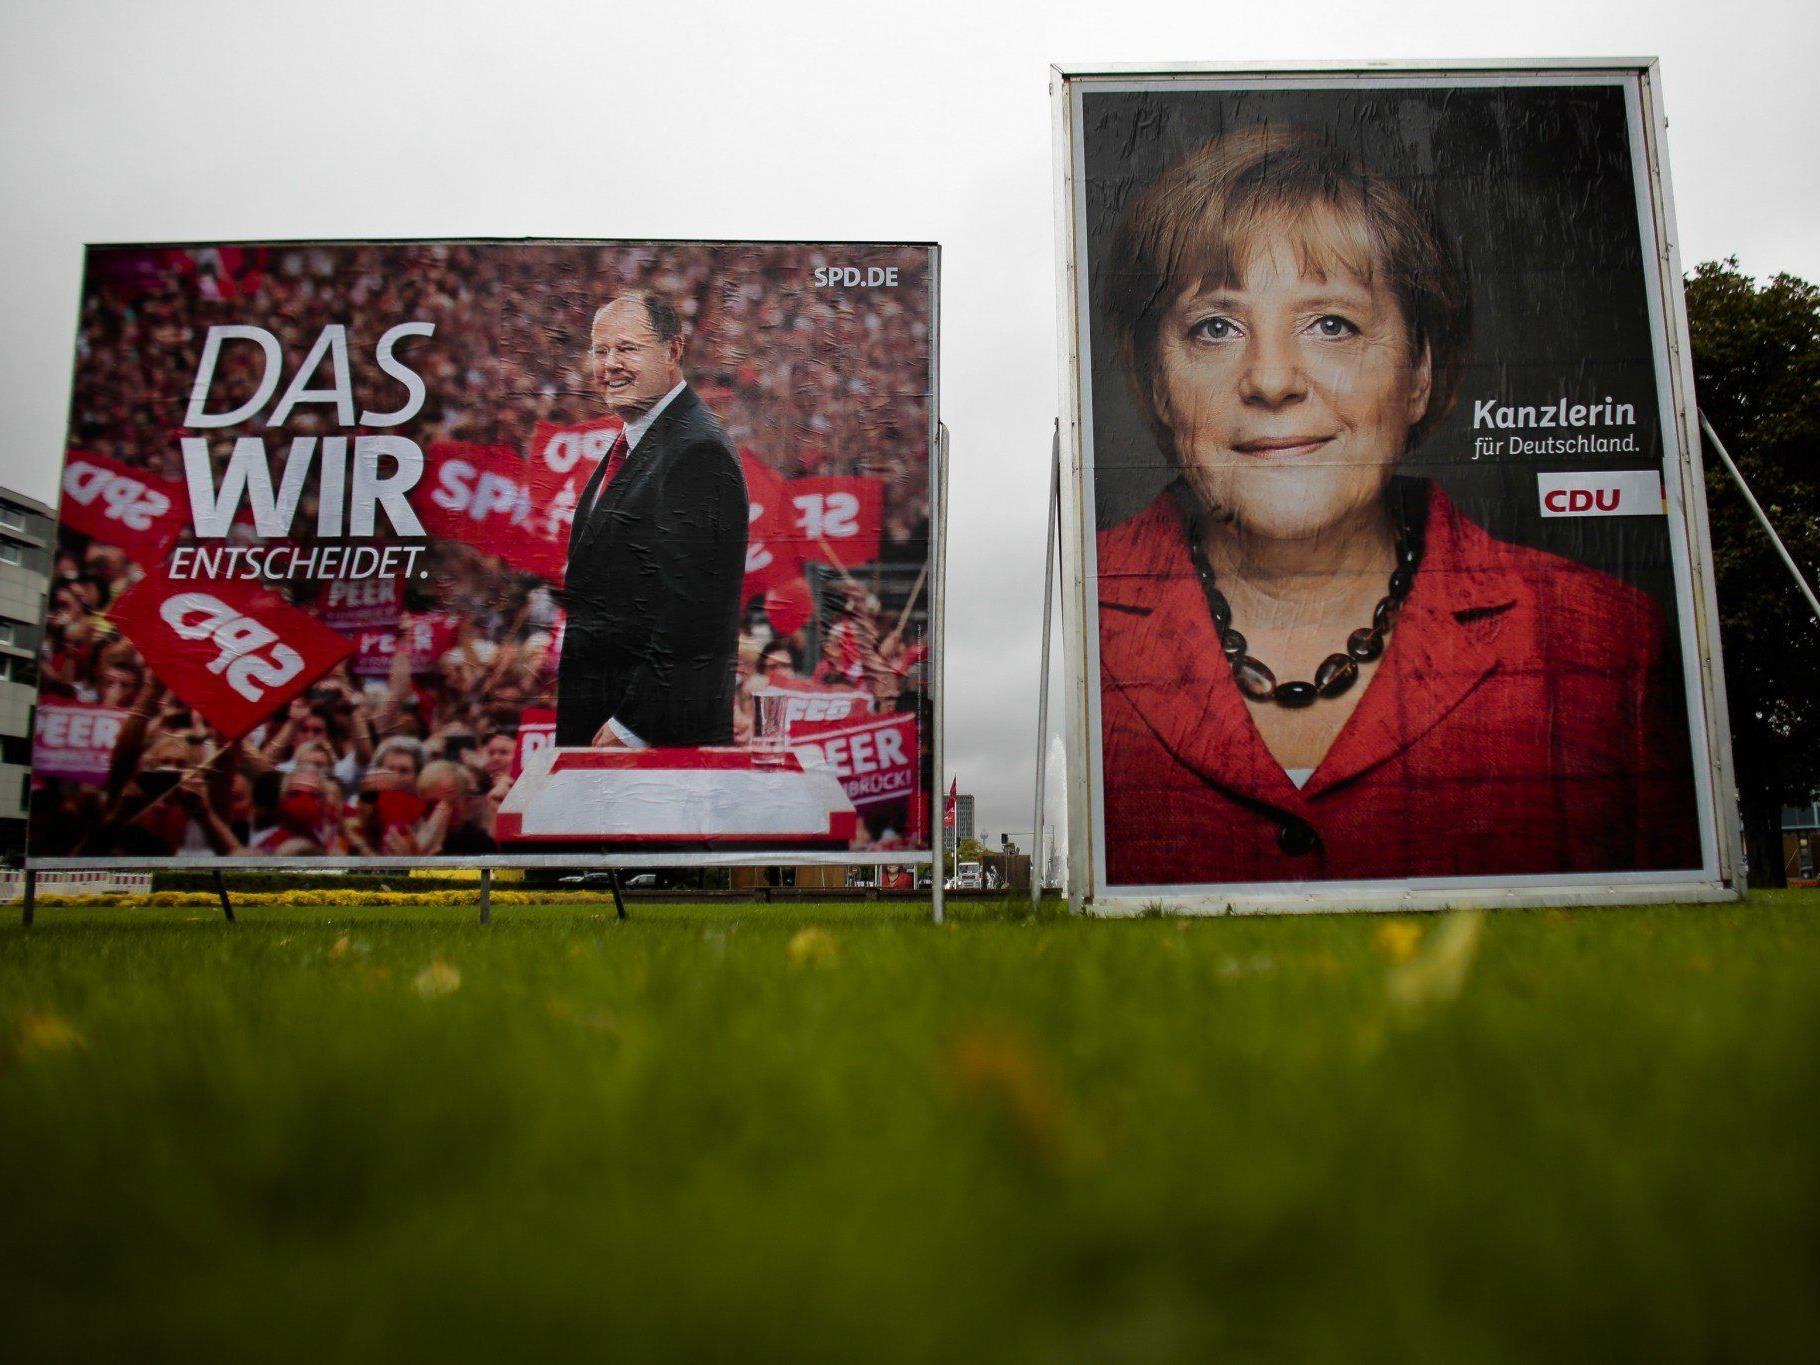 Laut Umfragen geht sich für die derzeitige Koaliation CSU-FDP nach der Wahl keine Mehrheit mehr aus.